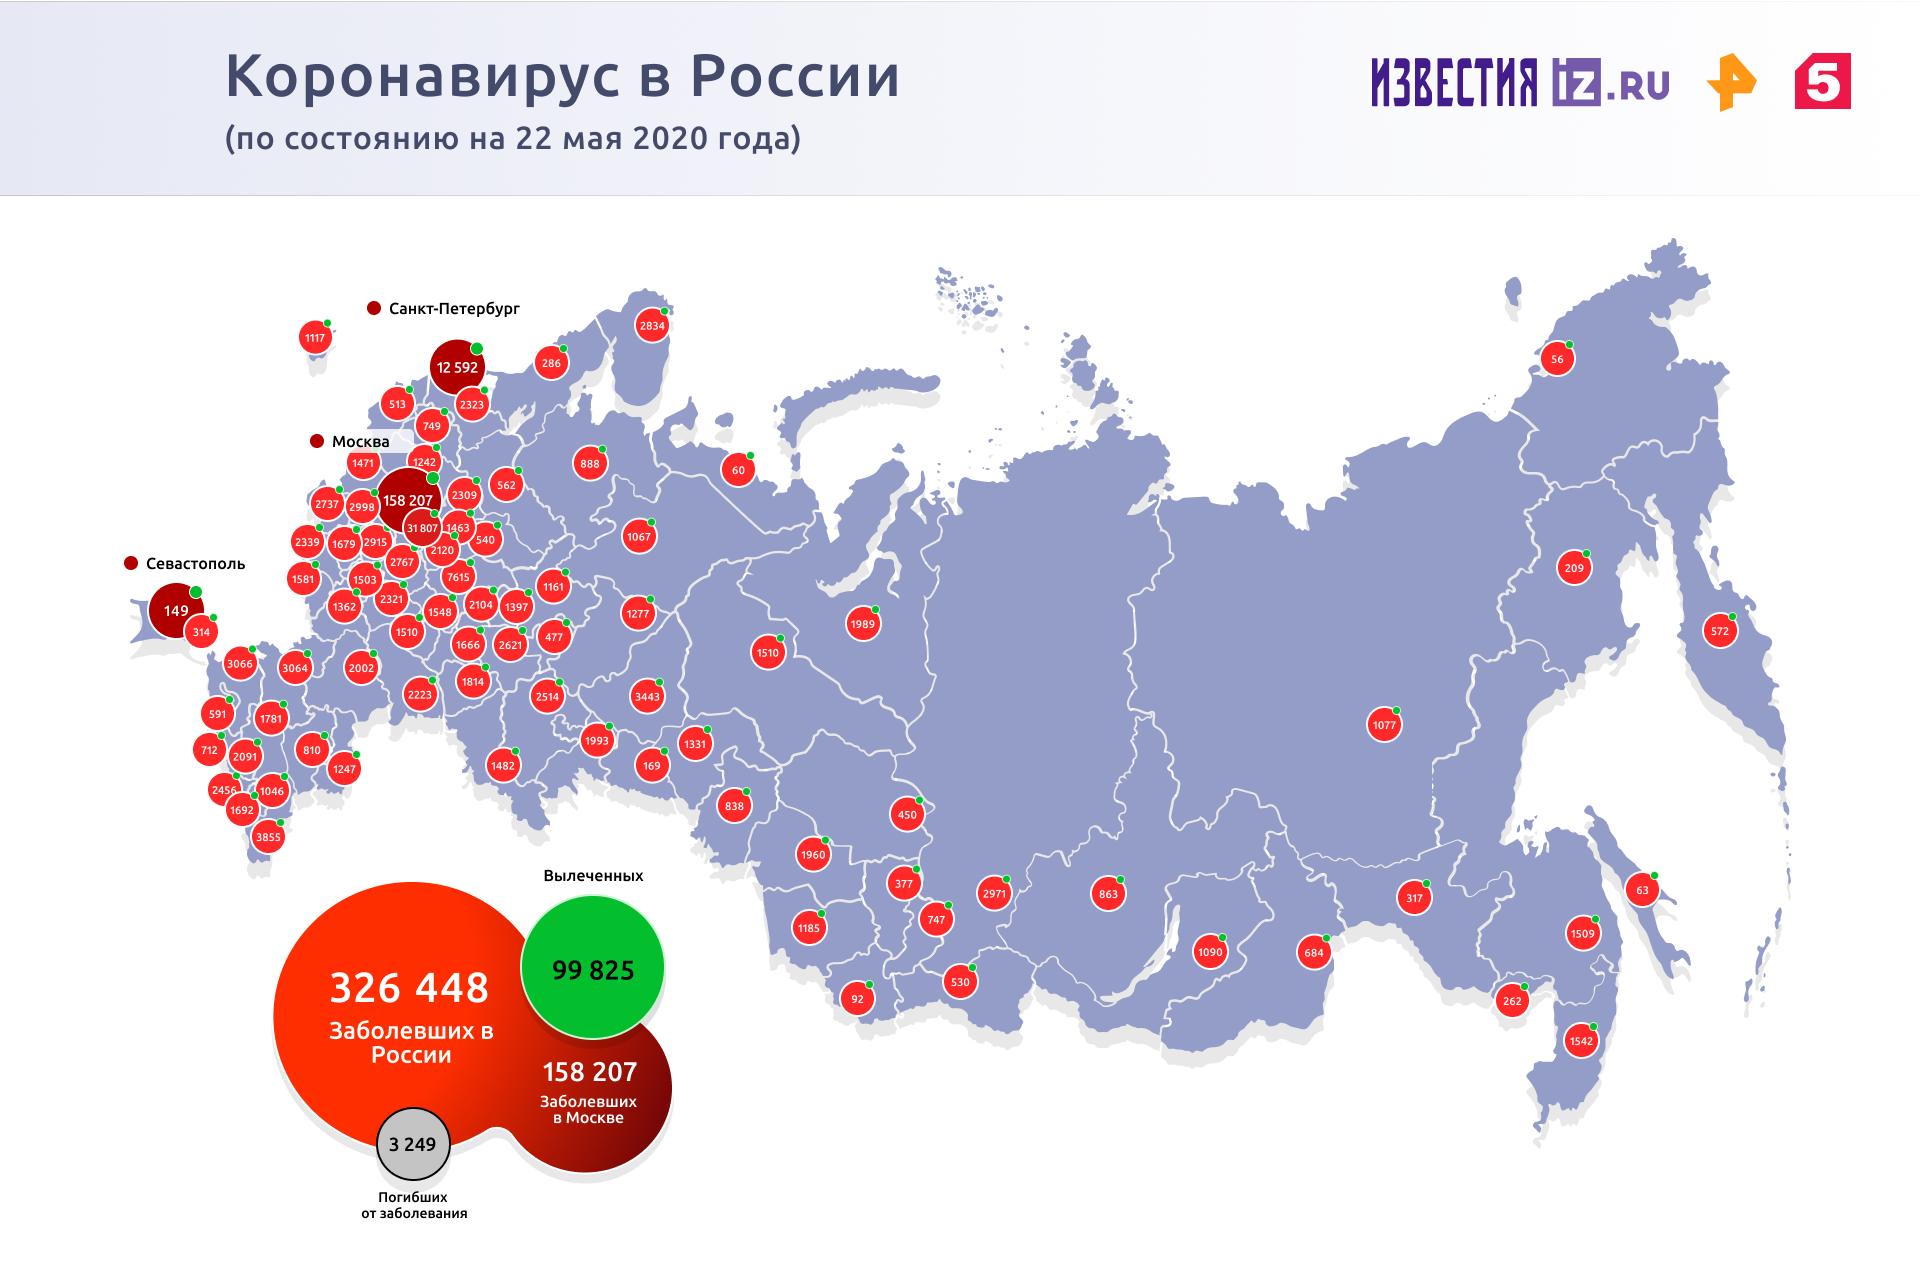 Около 19 тыс. работников соцучреждений Москвы получат допвыплаты